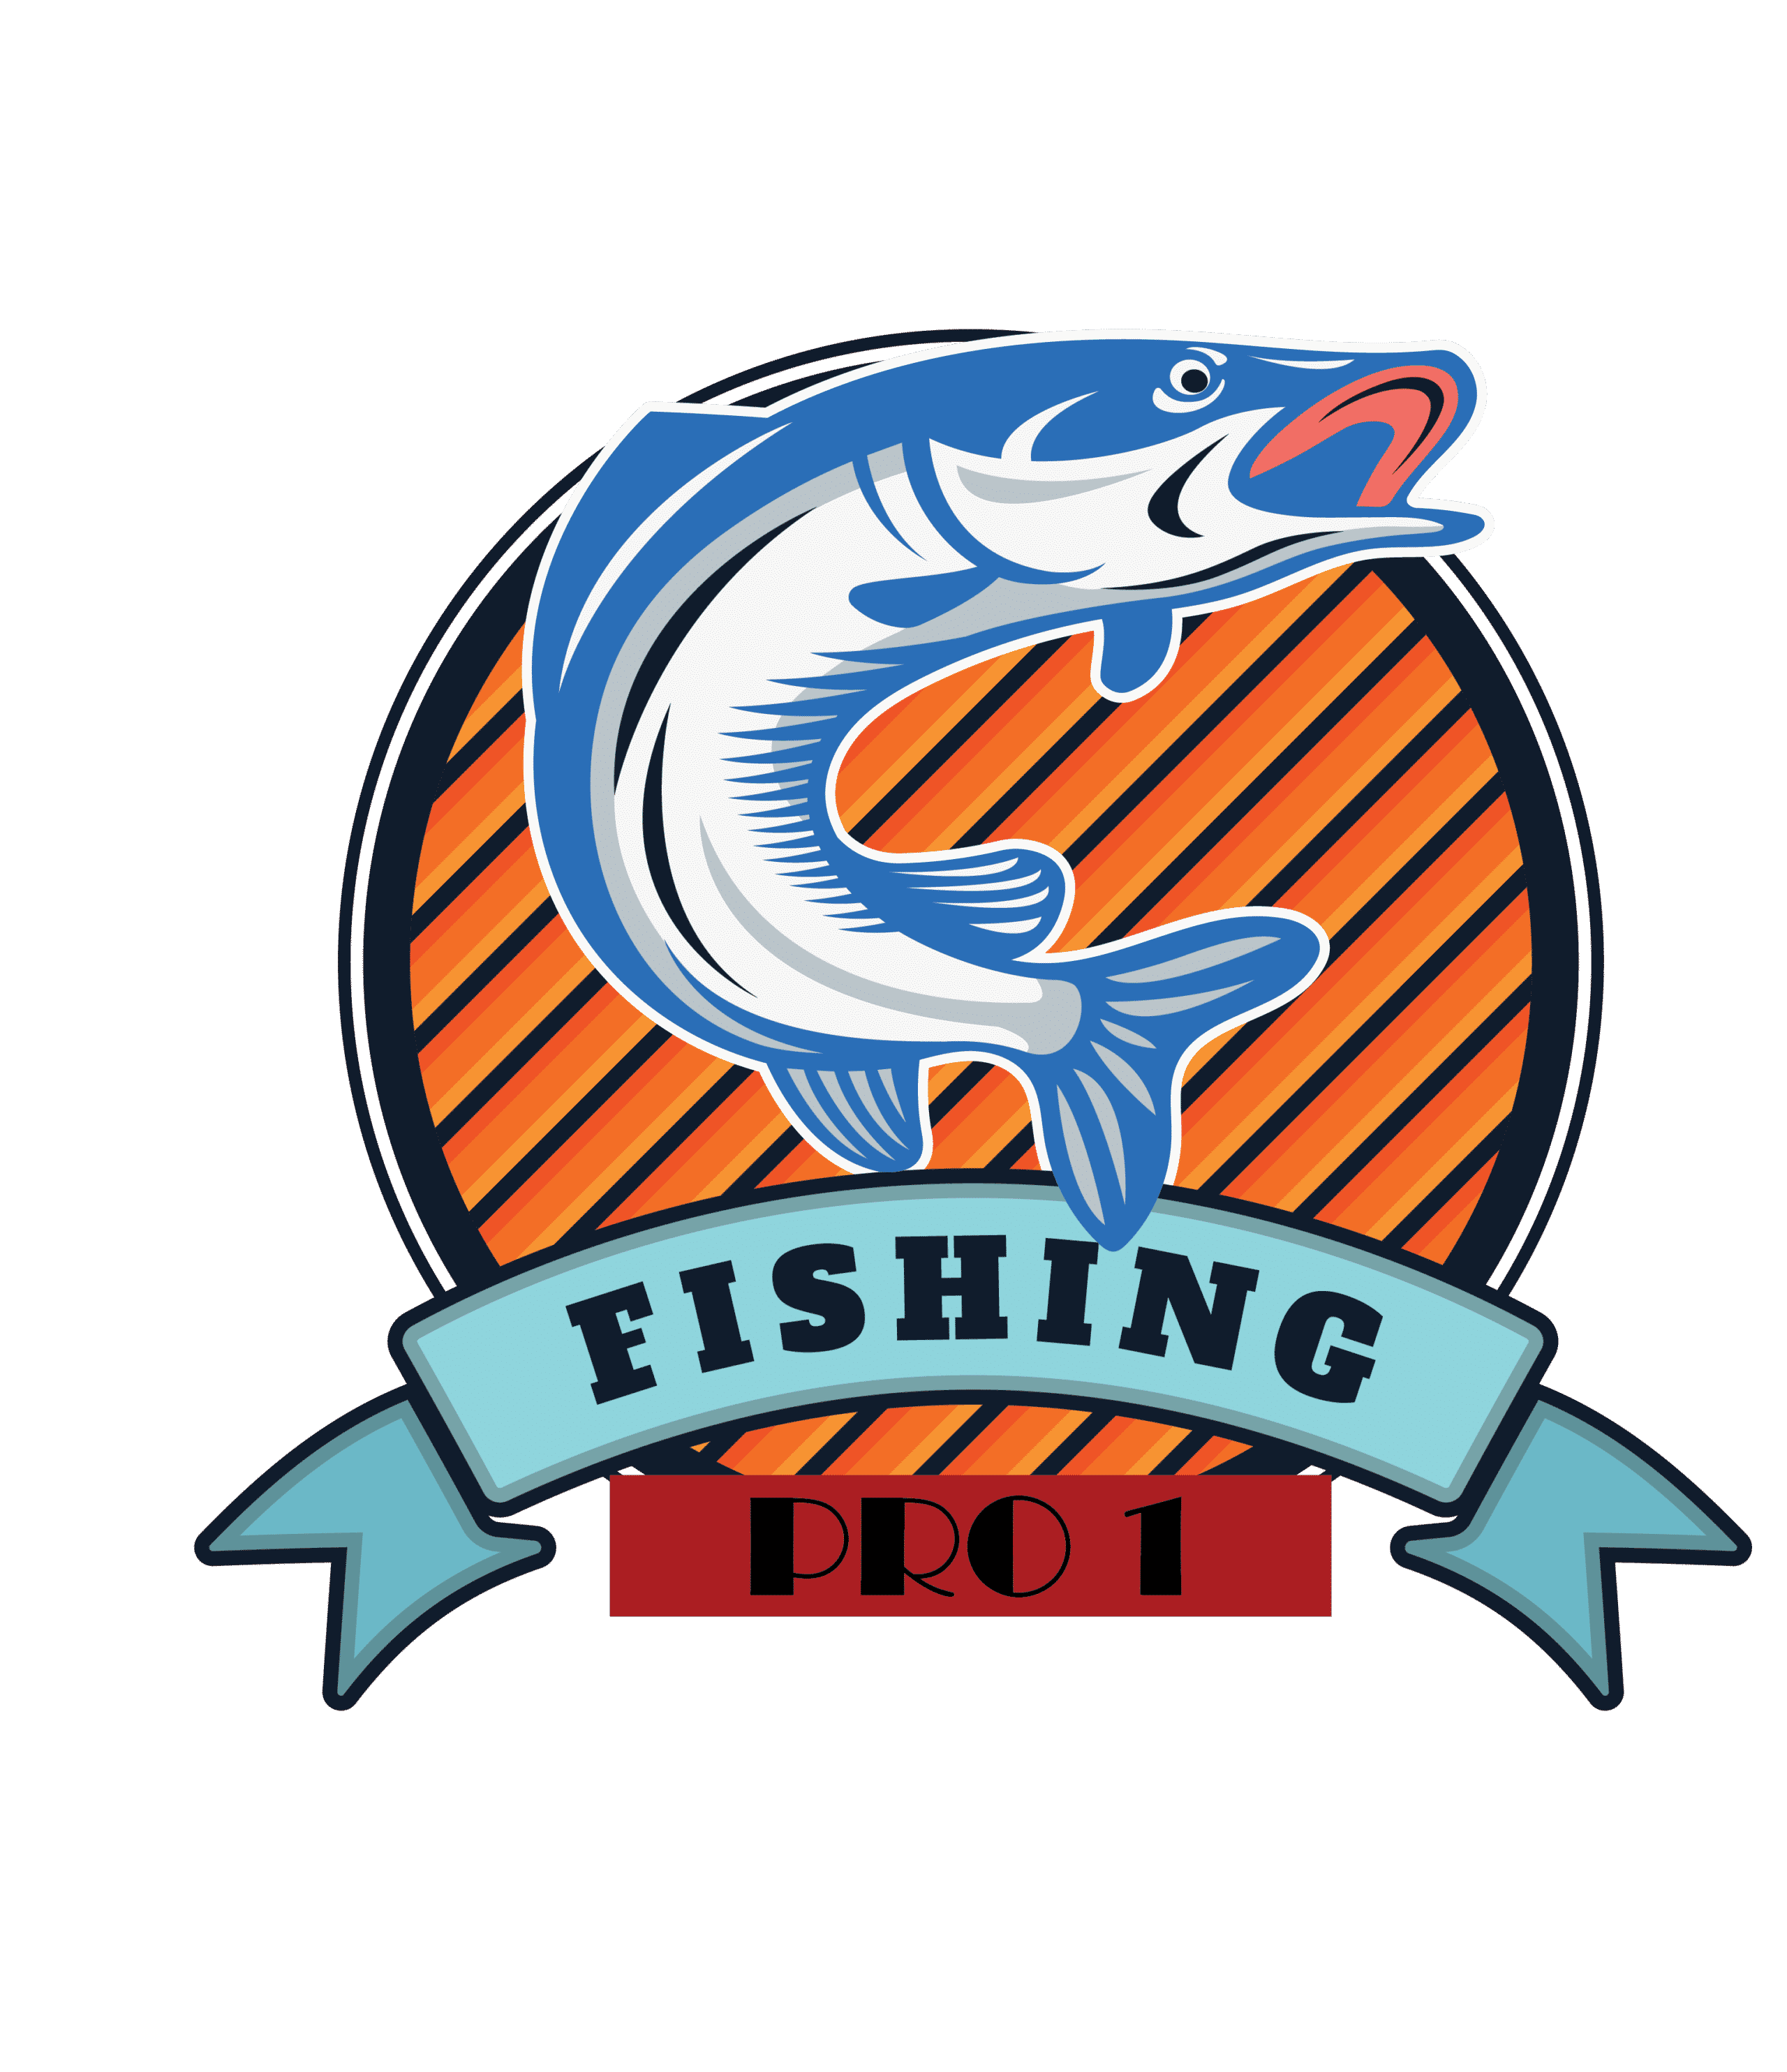 fishing pro1